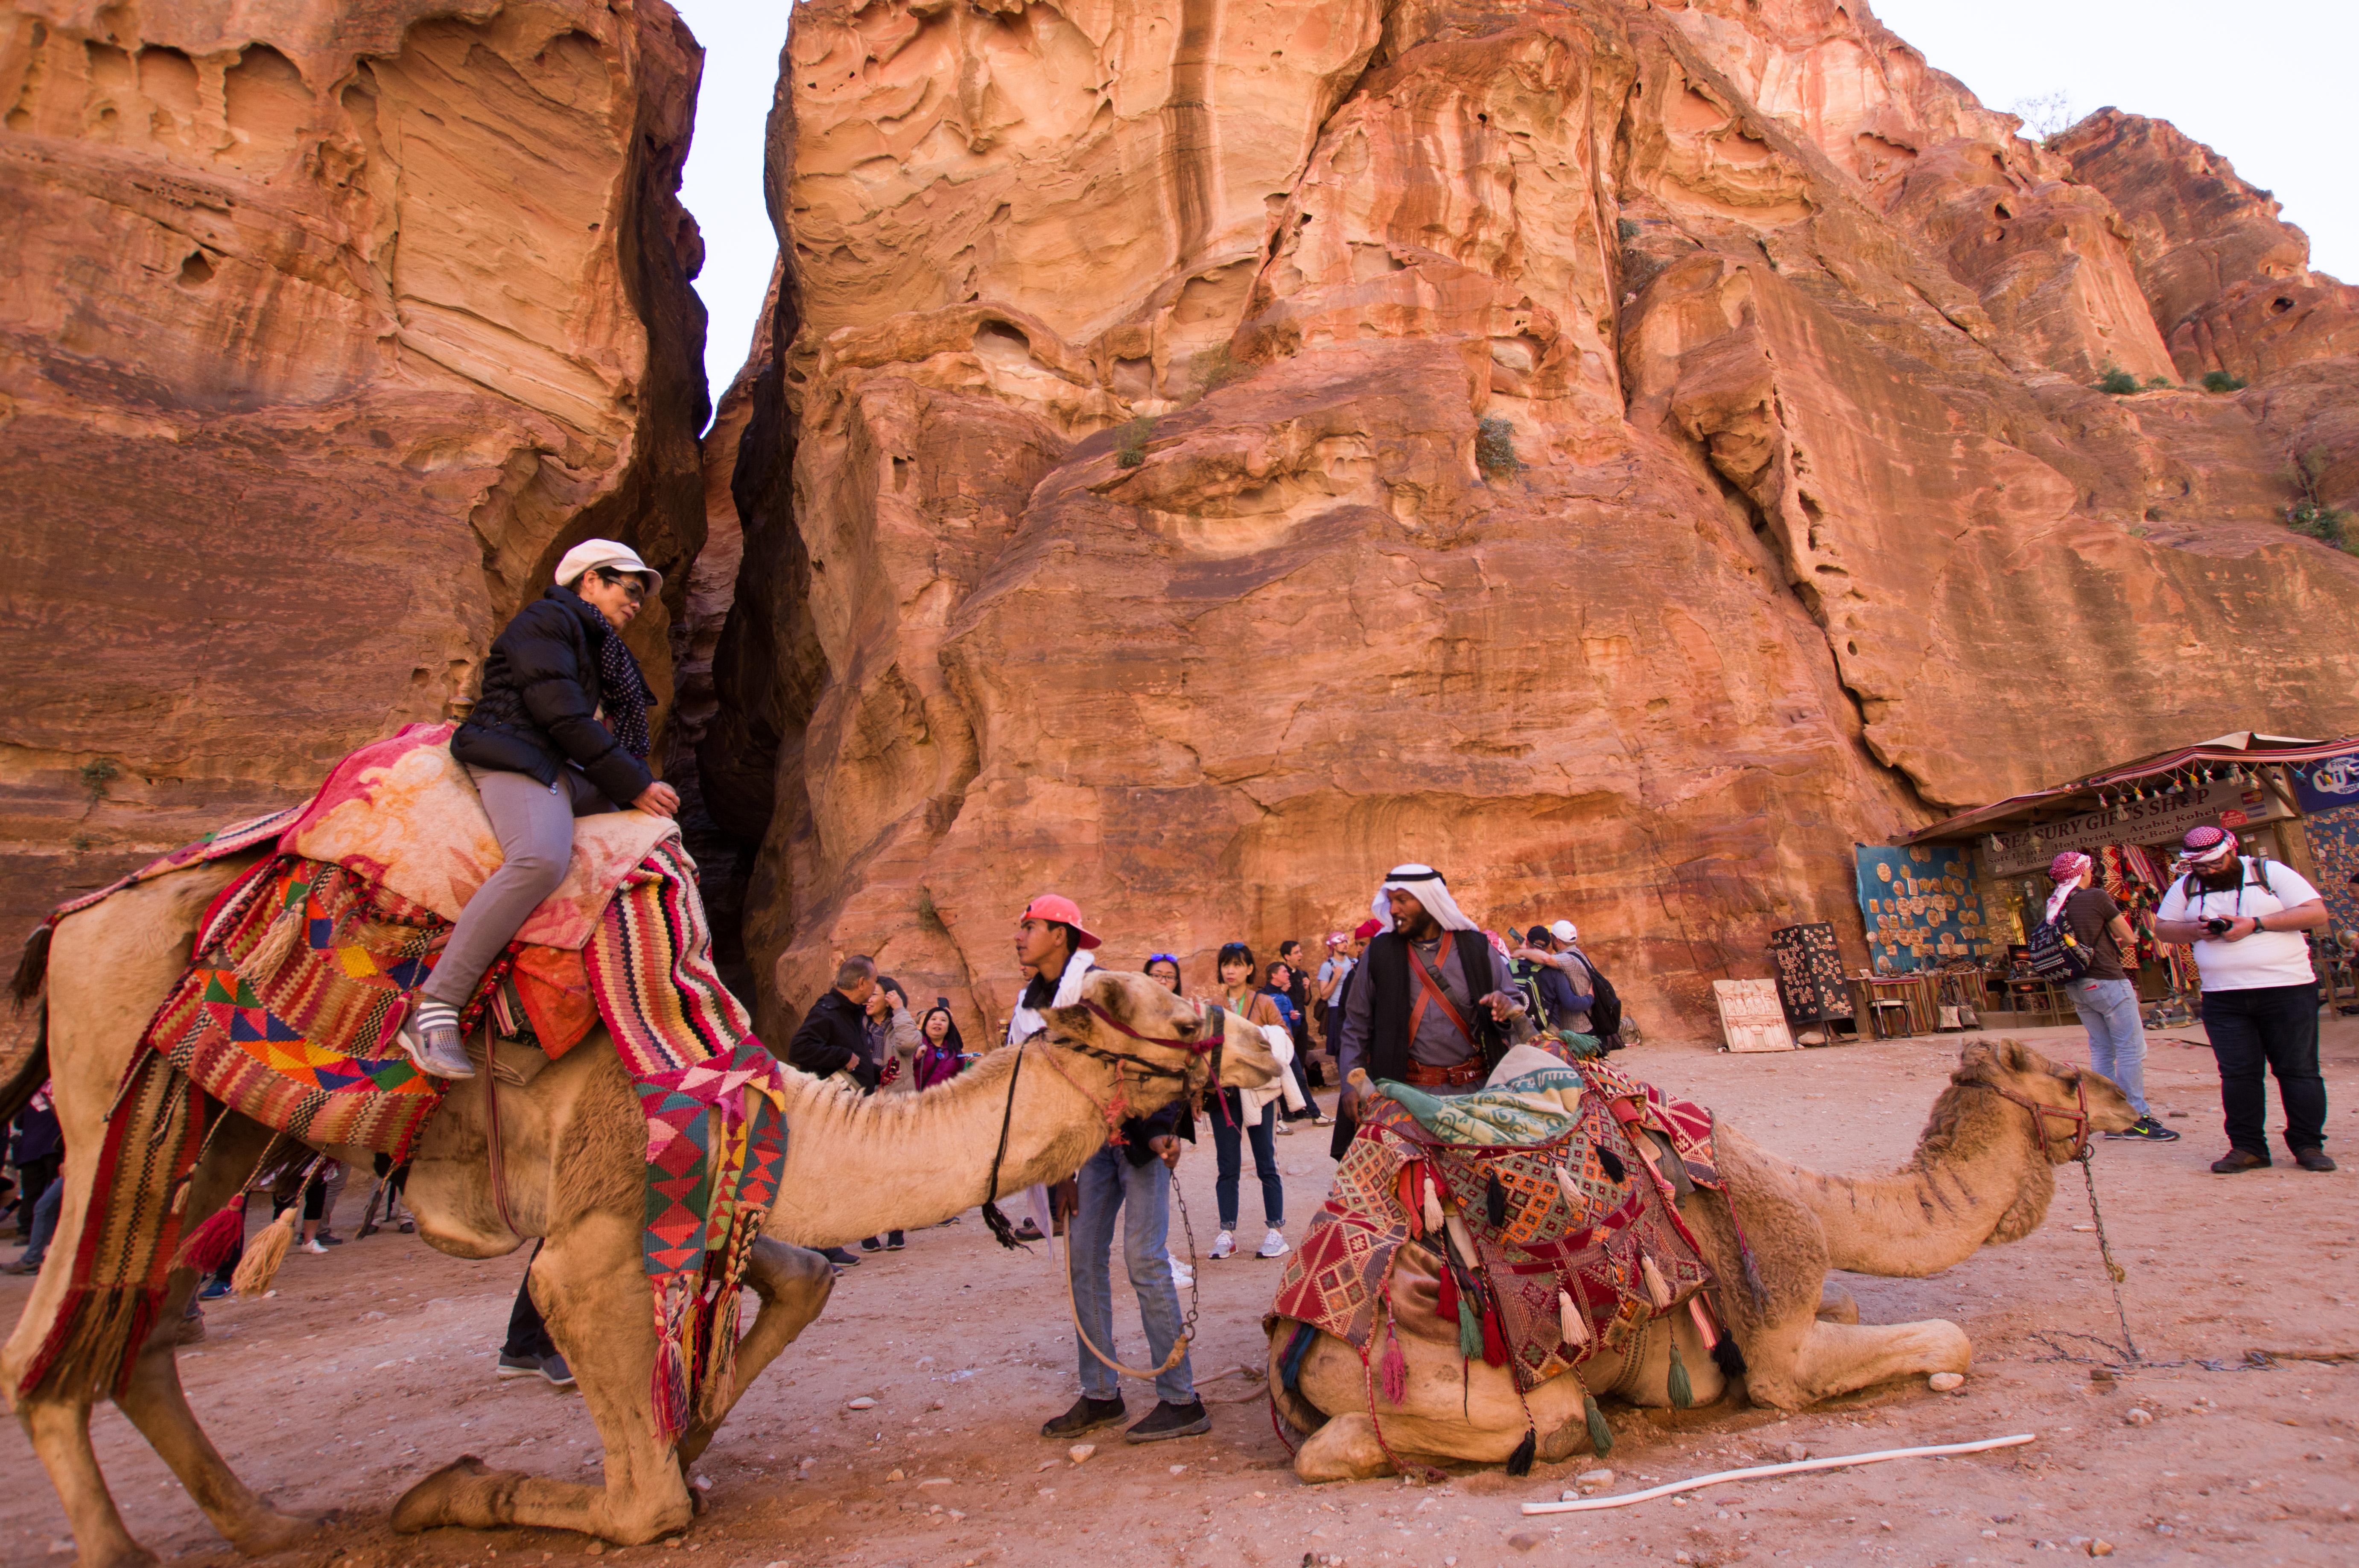 Jordánsko na vlastní pěst – I. část – Amman, Petra aneb potkali jsme beduína